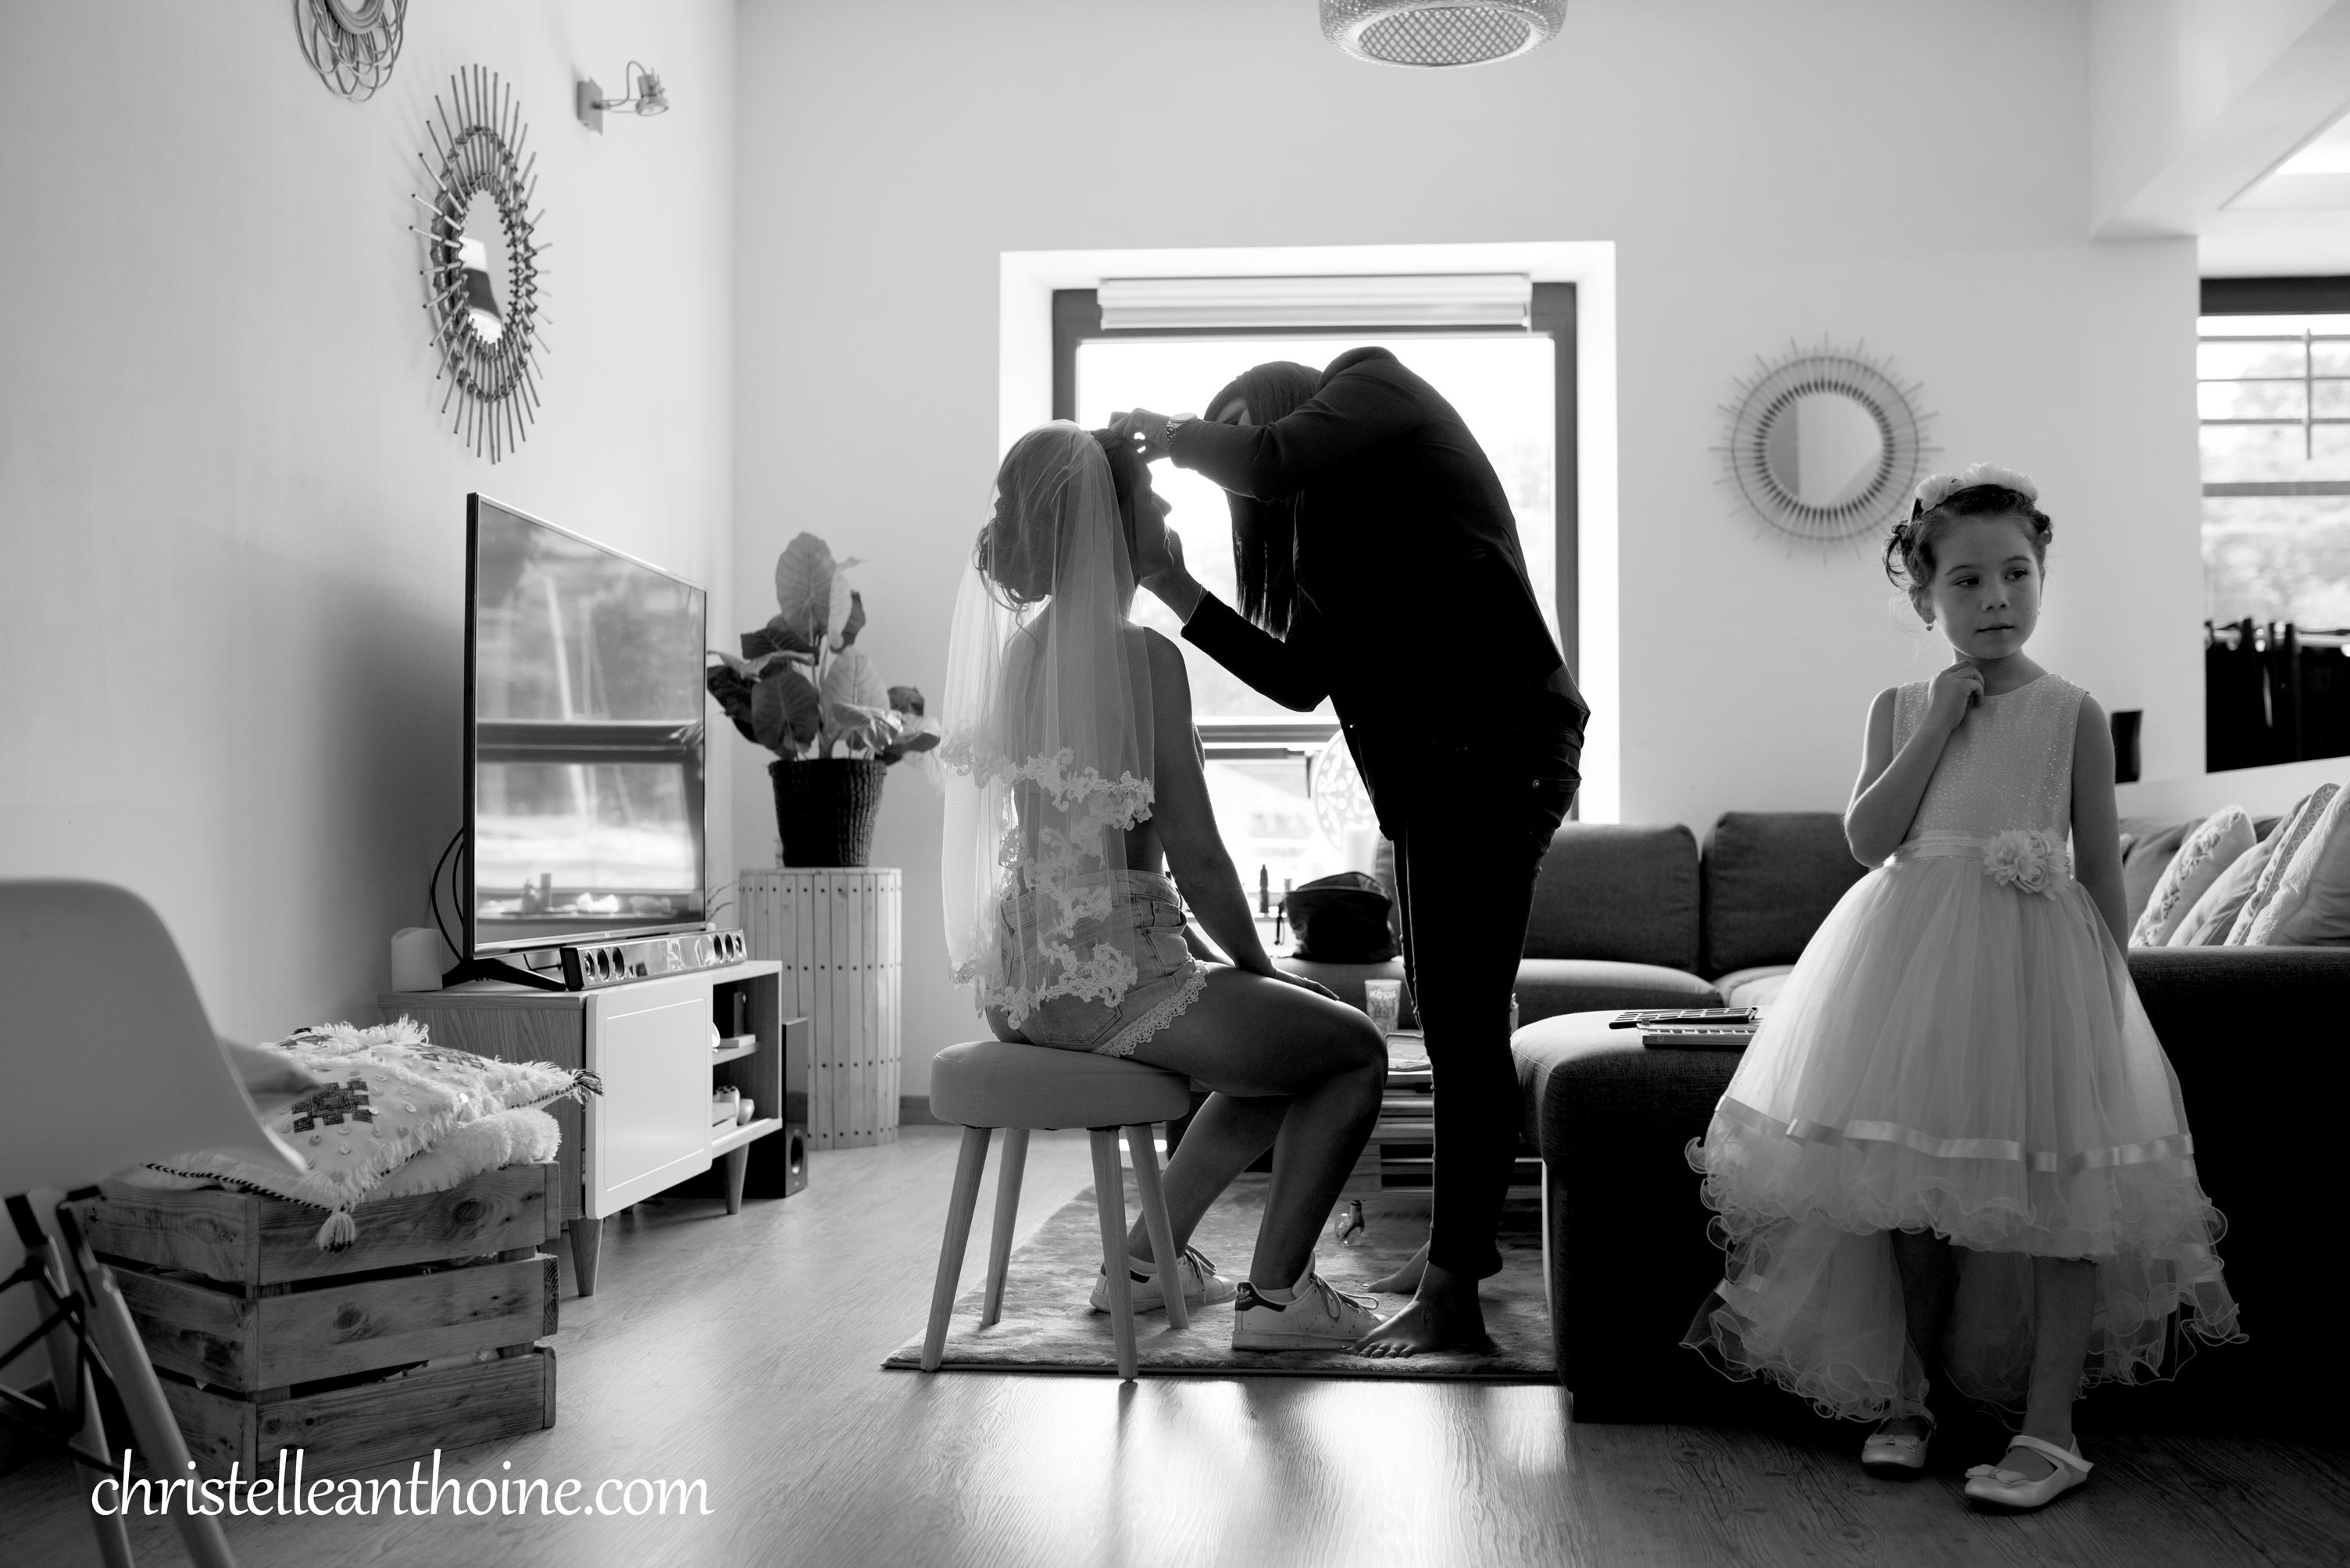 Photographe bretagne famille enfant mariage saint brieuc cotes darmor